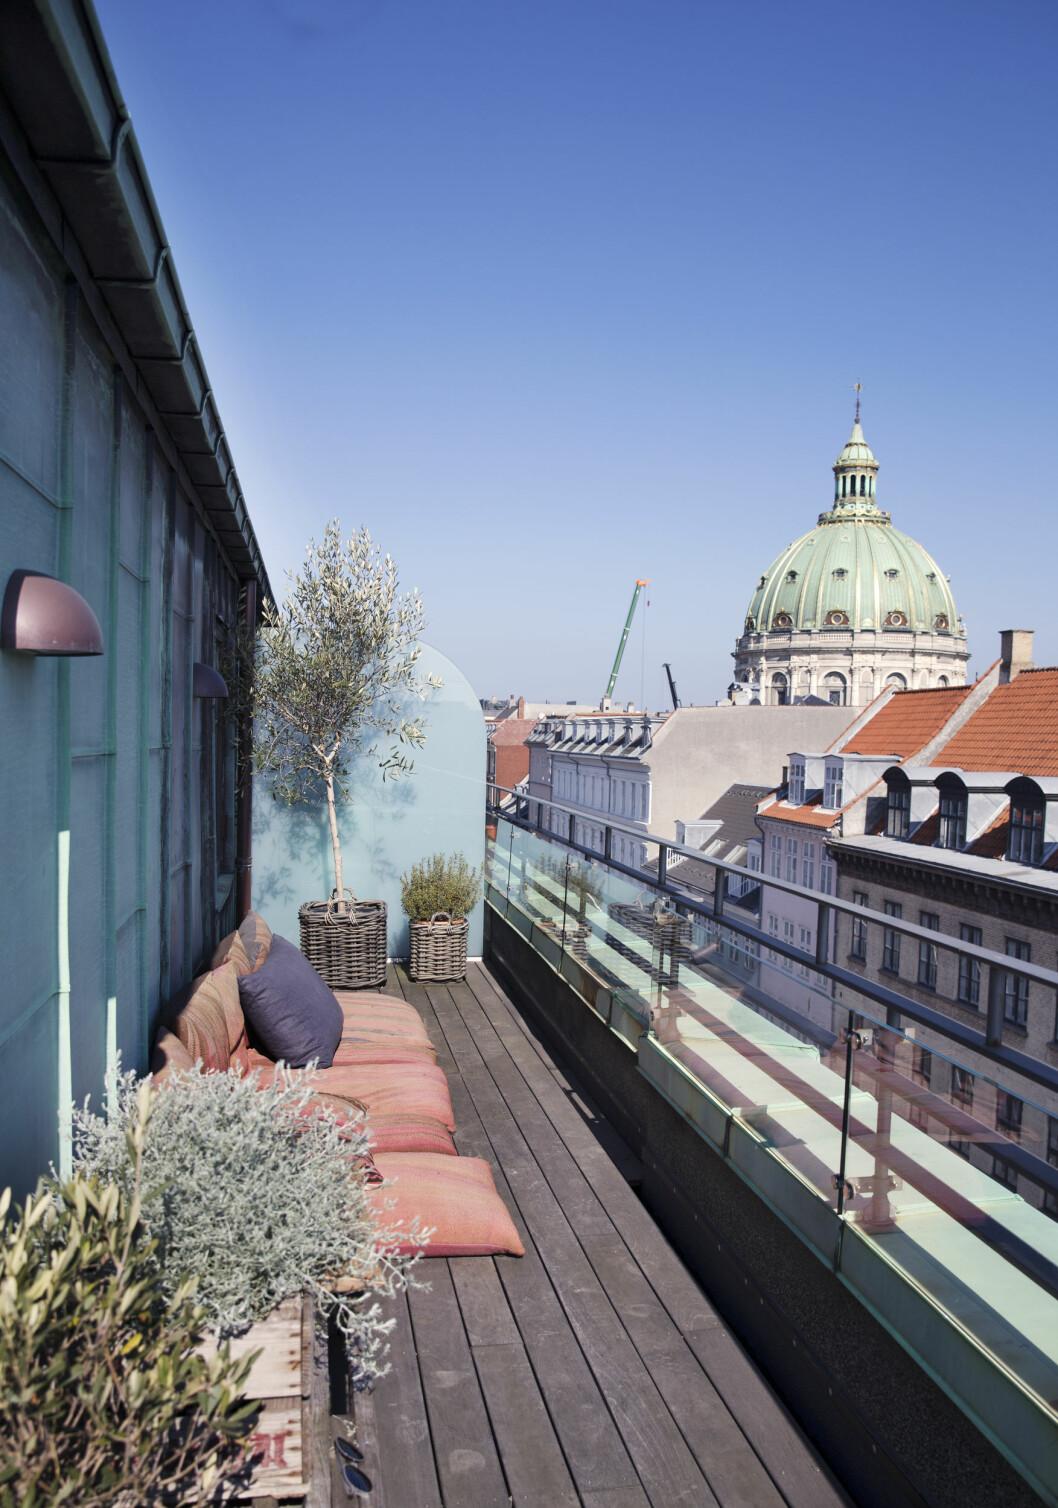 UTELIV: På balkongen er det lounge-stemning og vakker utsikt mot Marmorkirken. Foto: Yvonne Wilhelmsen